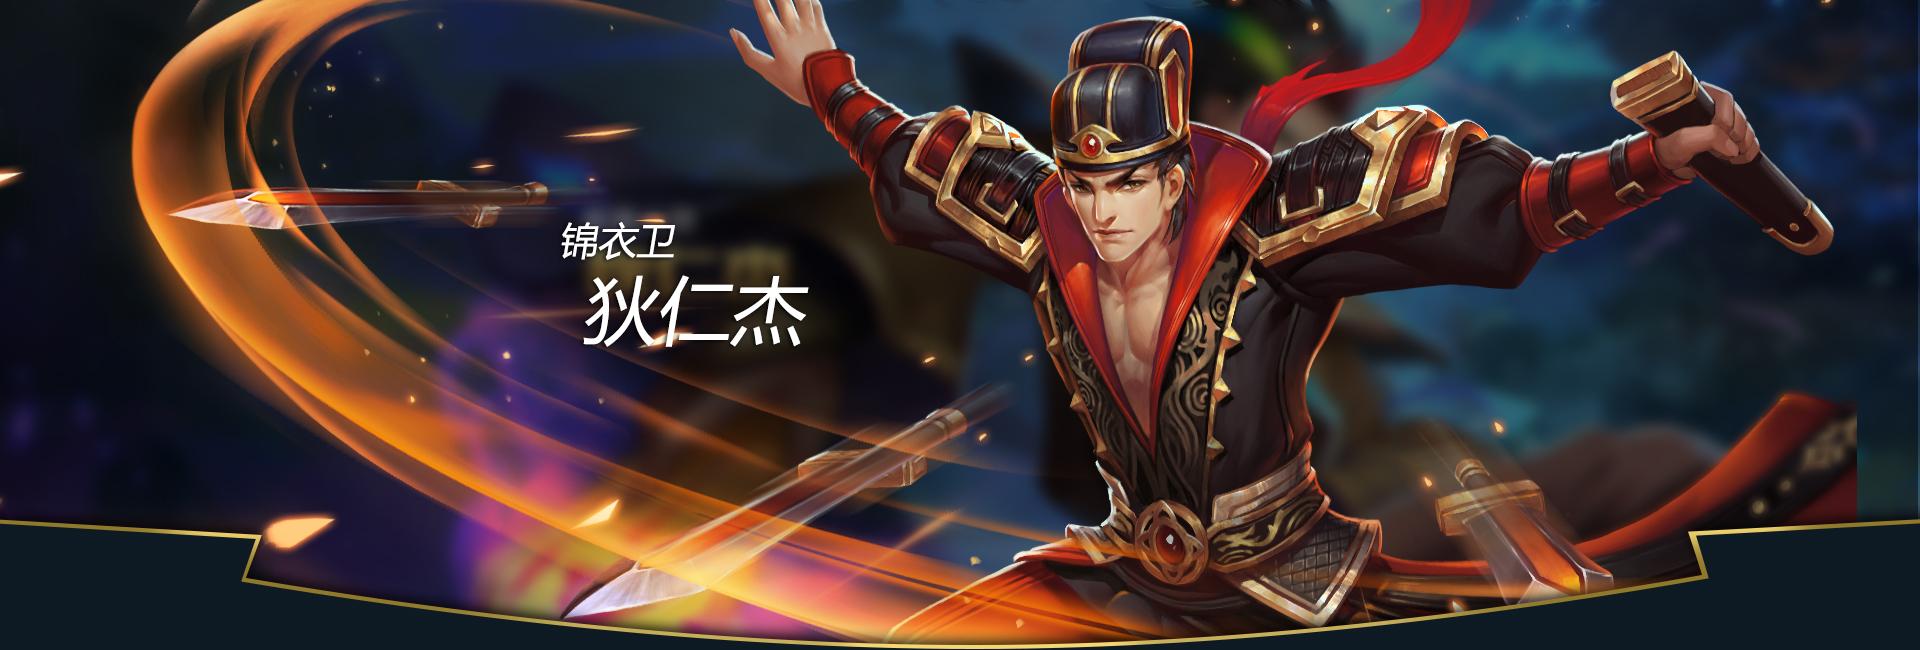 第2弹《王者荣耀英雄皮肤CG》竞技游戏54